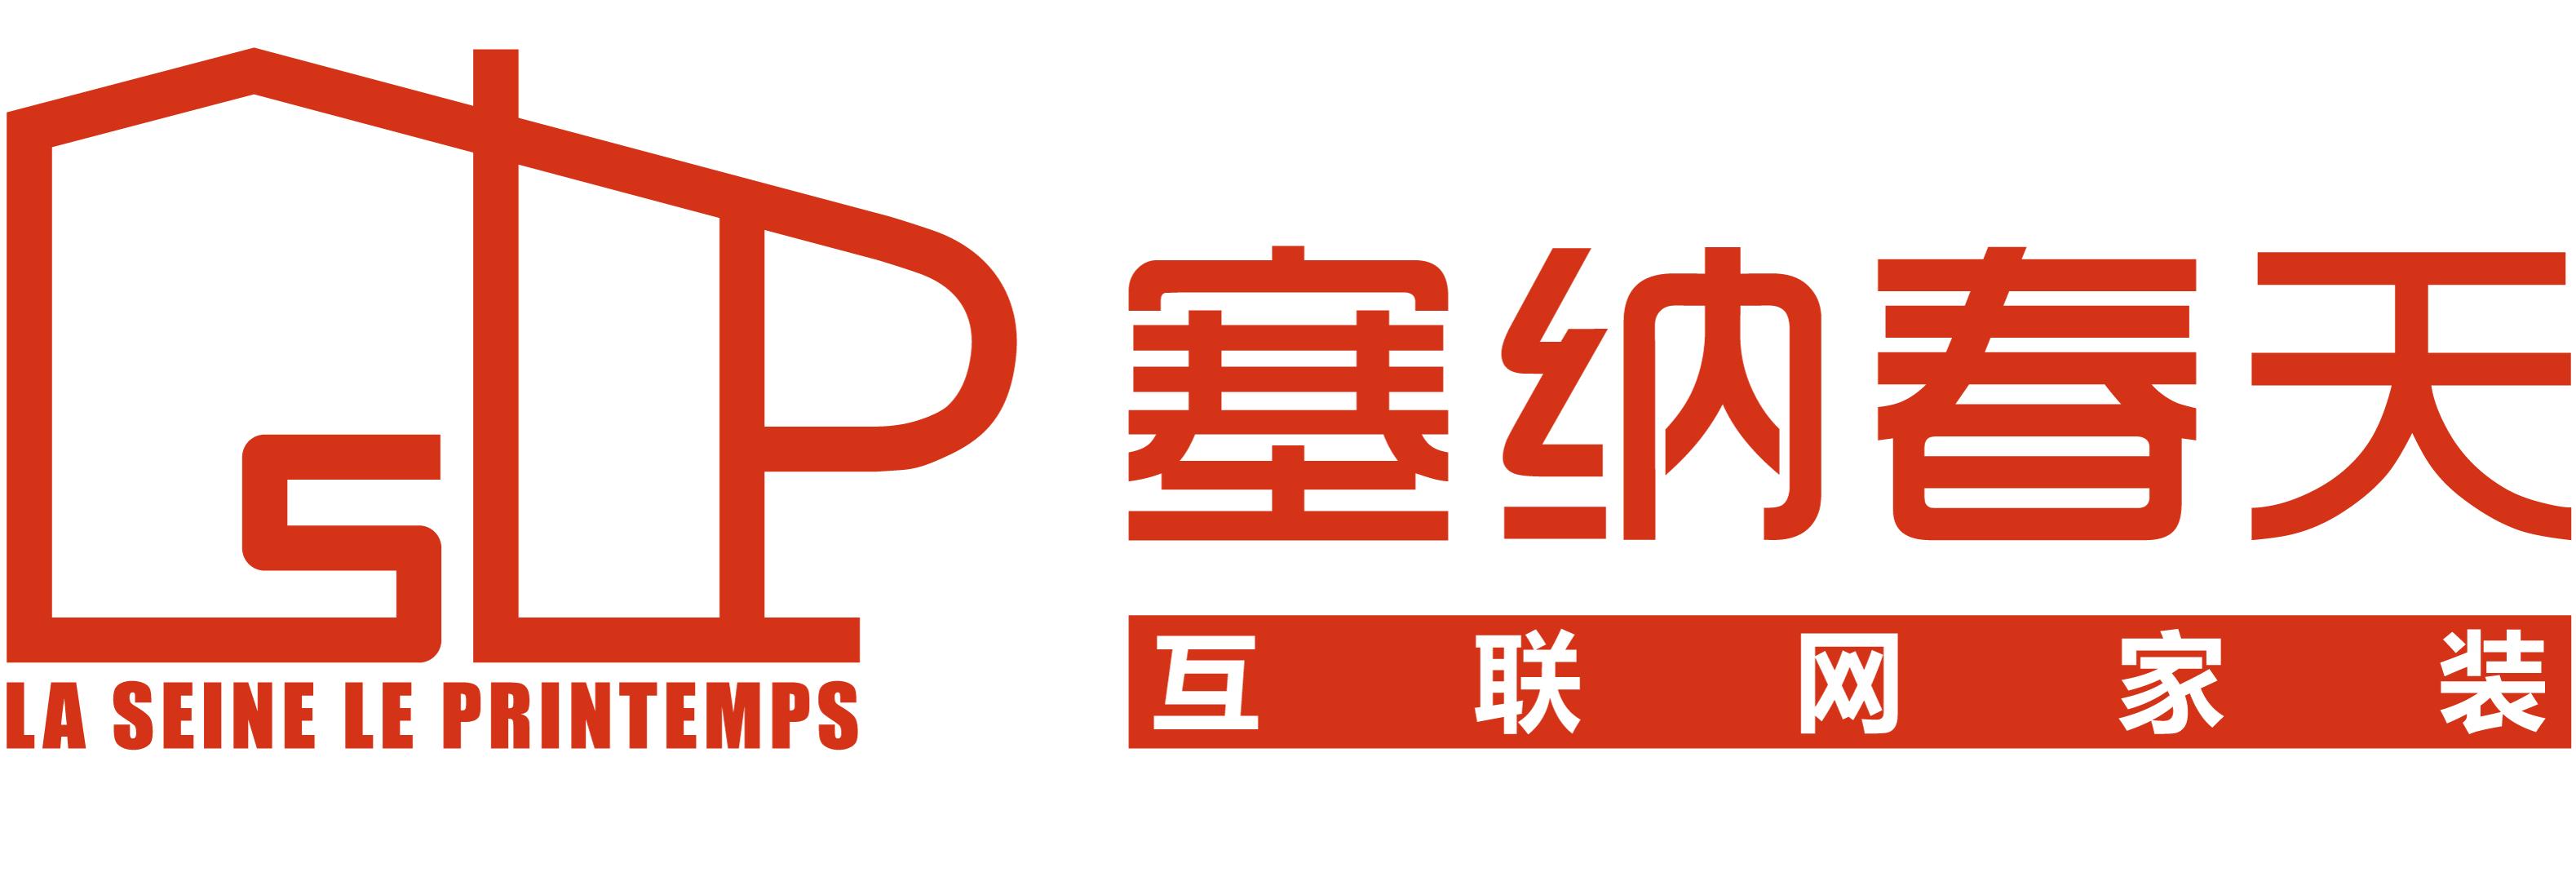 南宁塞纳四季装饰工程有限公司  - 南宁装修公司